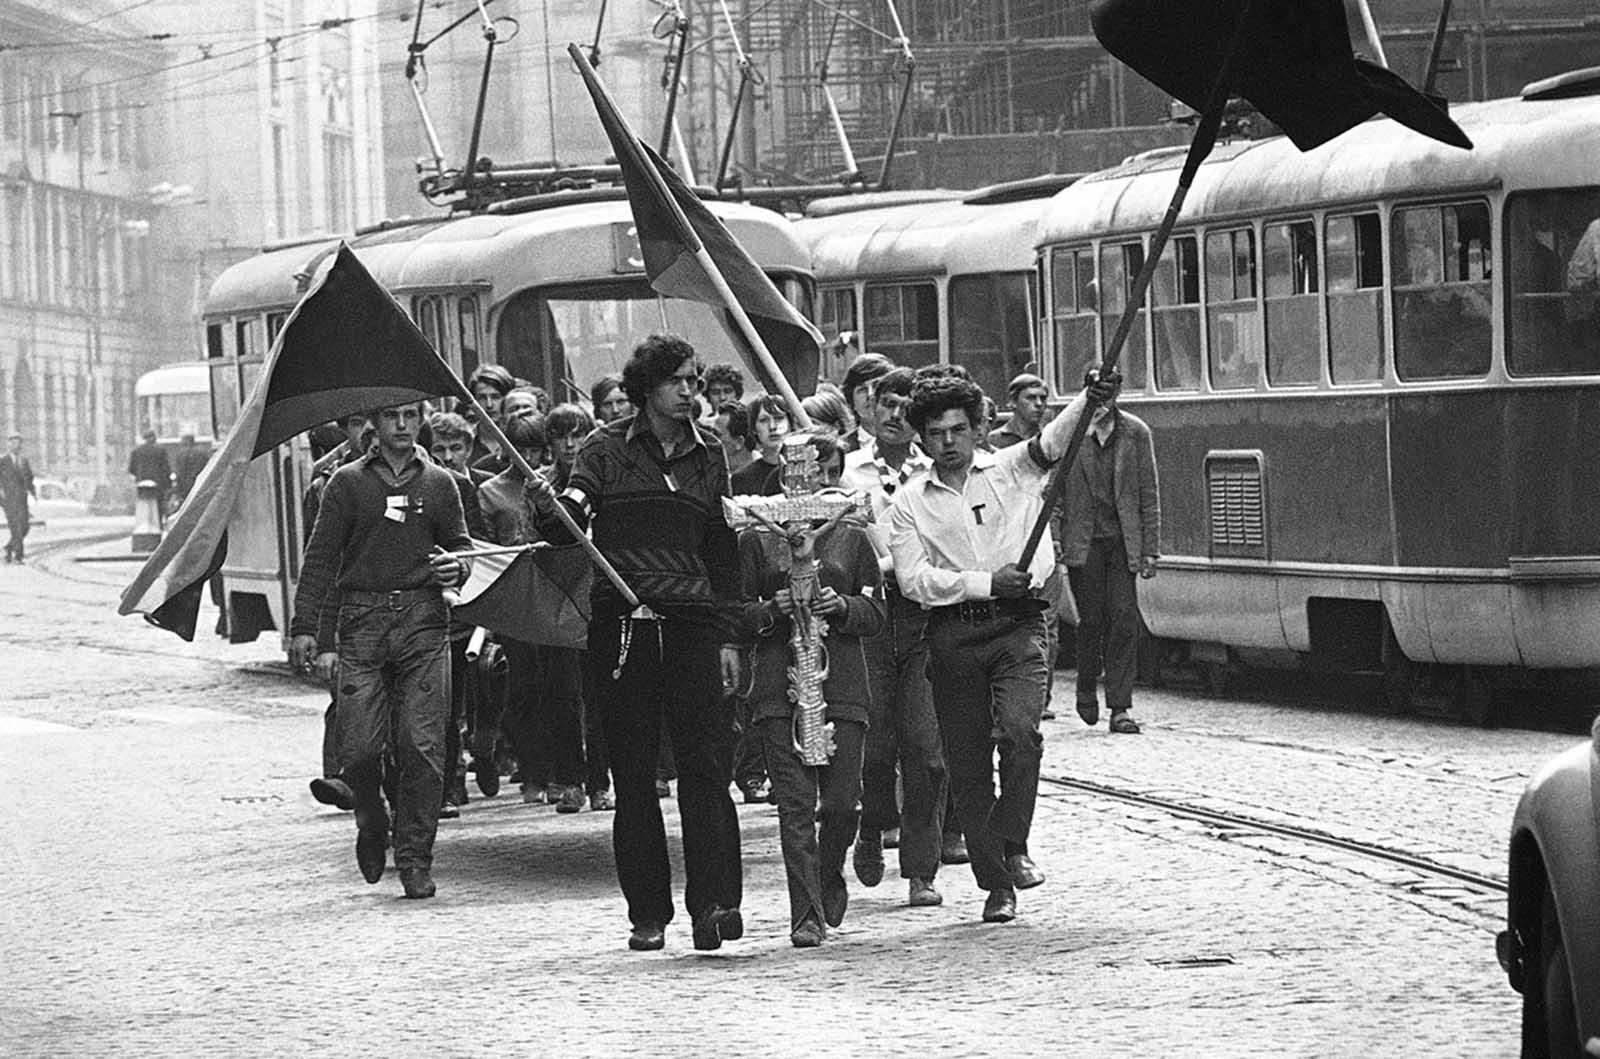 Los jóvenes llevan un crucifijo en su camino hacia el entierro de un amigo baleado por los soviéticos el 27 de agosto de 1968 en Praga.